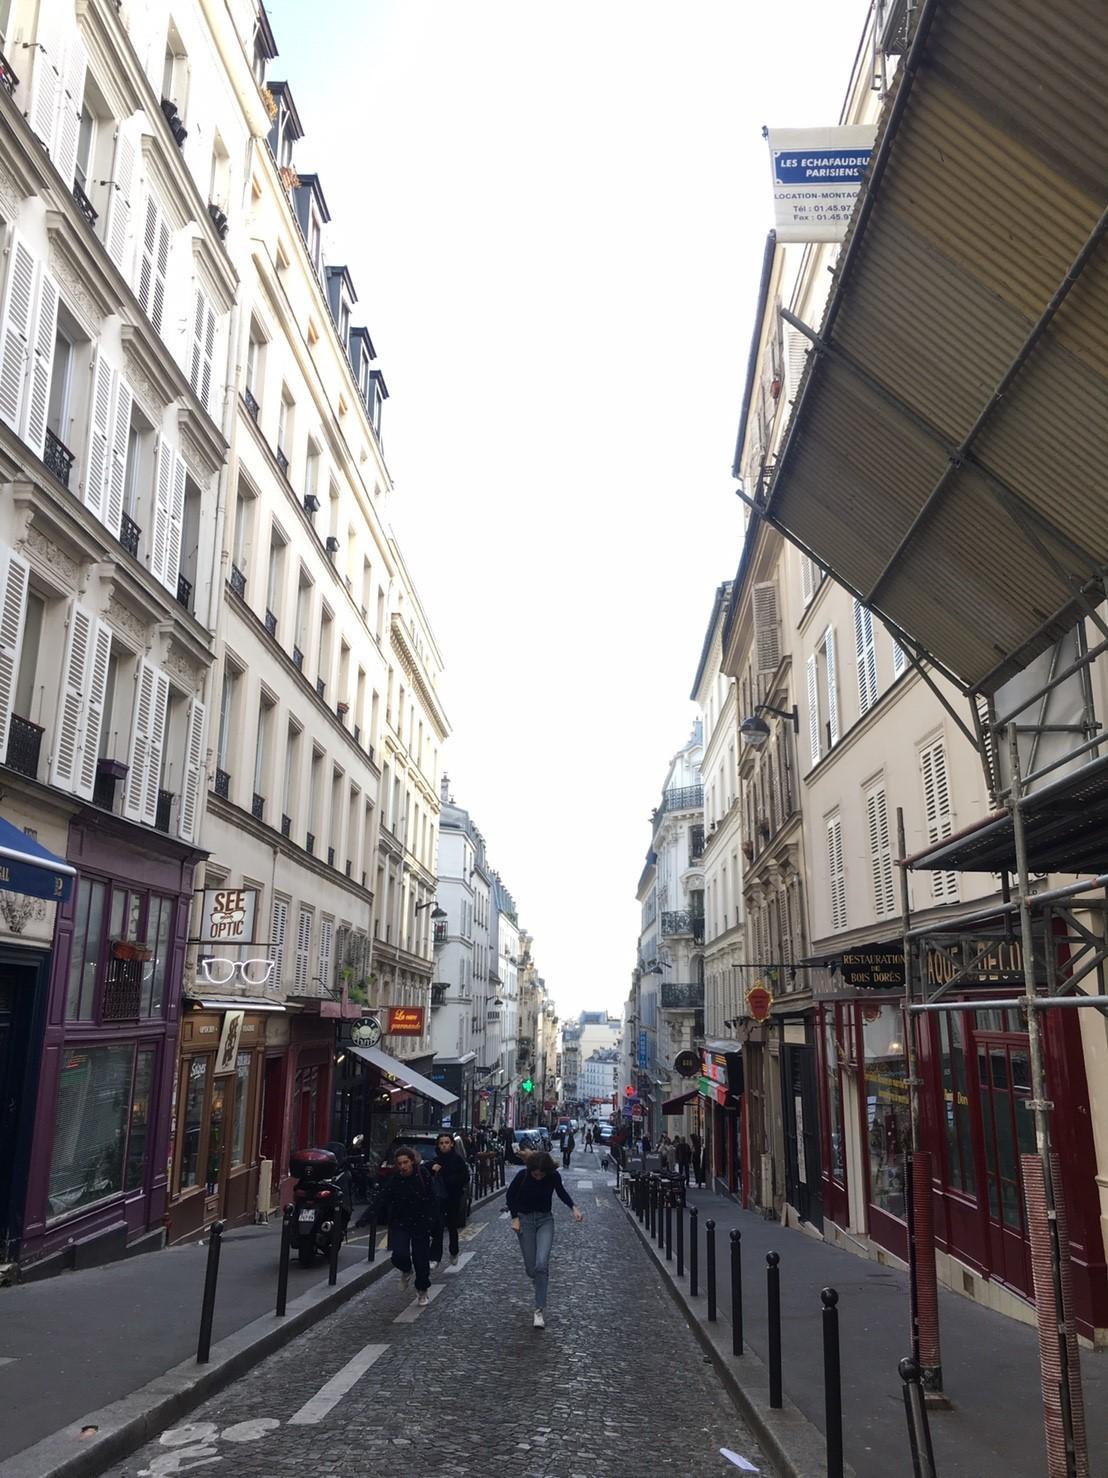 これからフランス旅行を考えている人に見て欲しいブログ①〜フランスこんな国でした〜_1_1-2